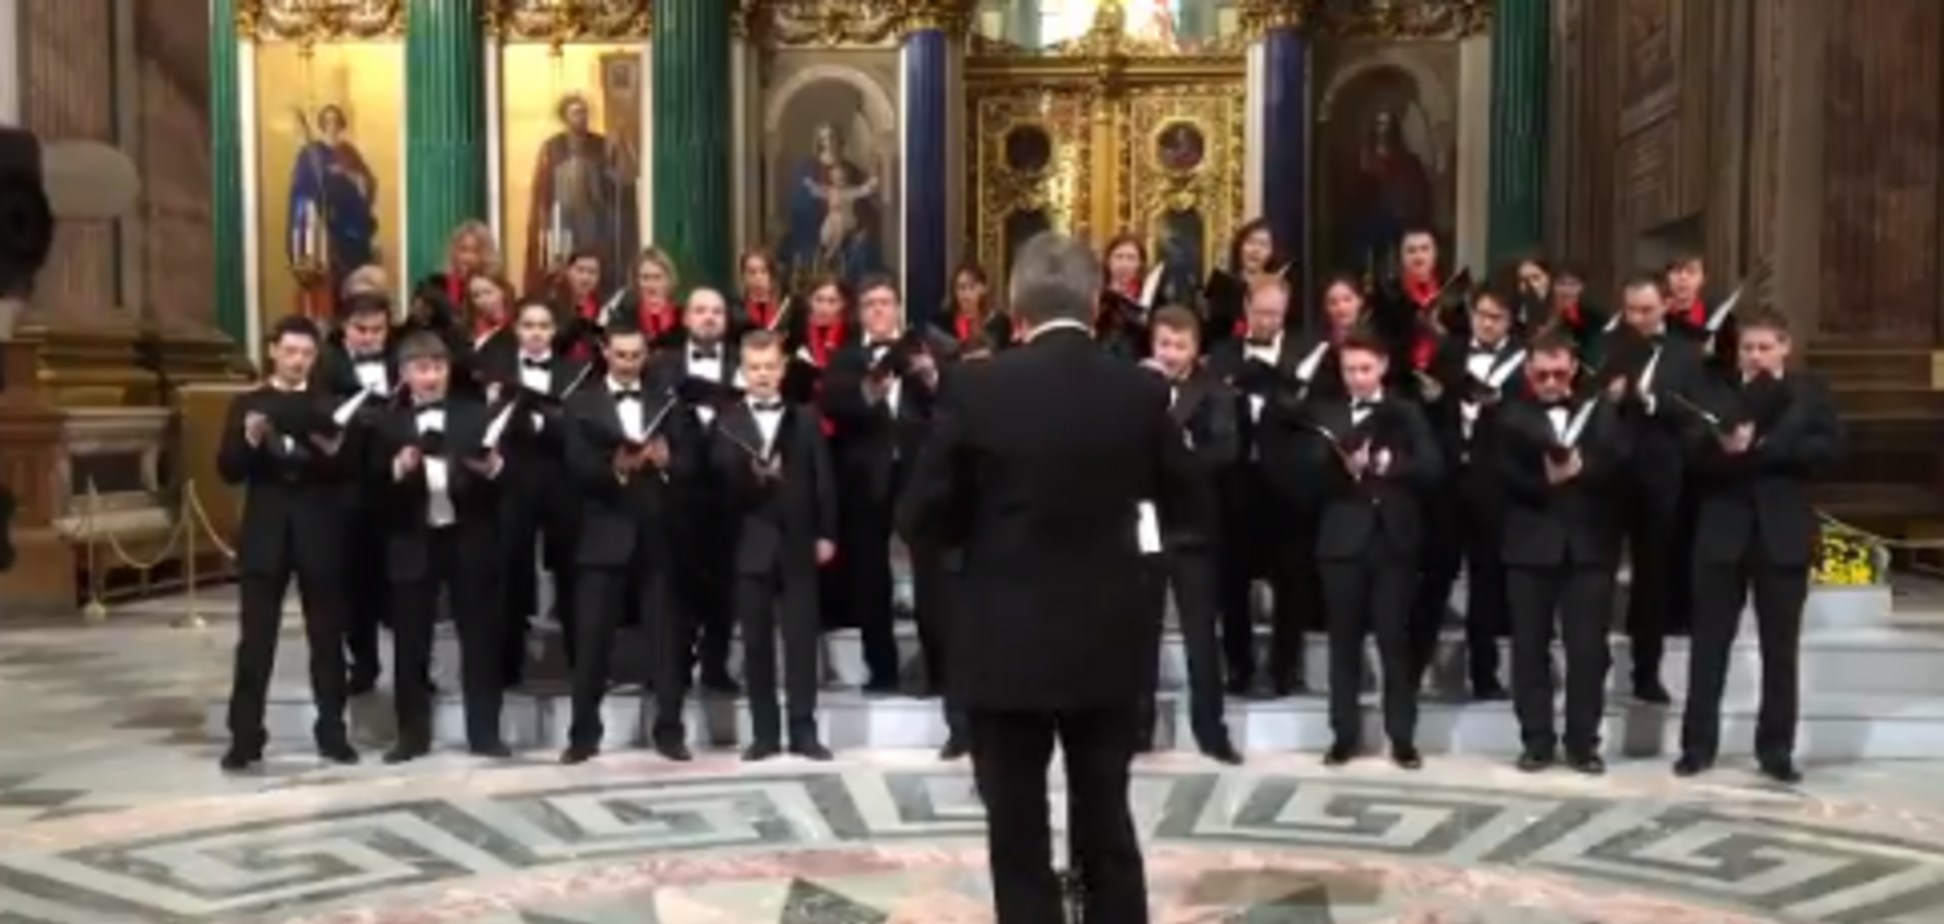 'Інакше заспівали б солдати НАТО!' У соборі Росії виконали пісню про ядерне бомбардування США. Відеофакт